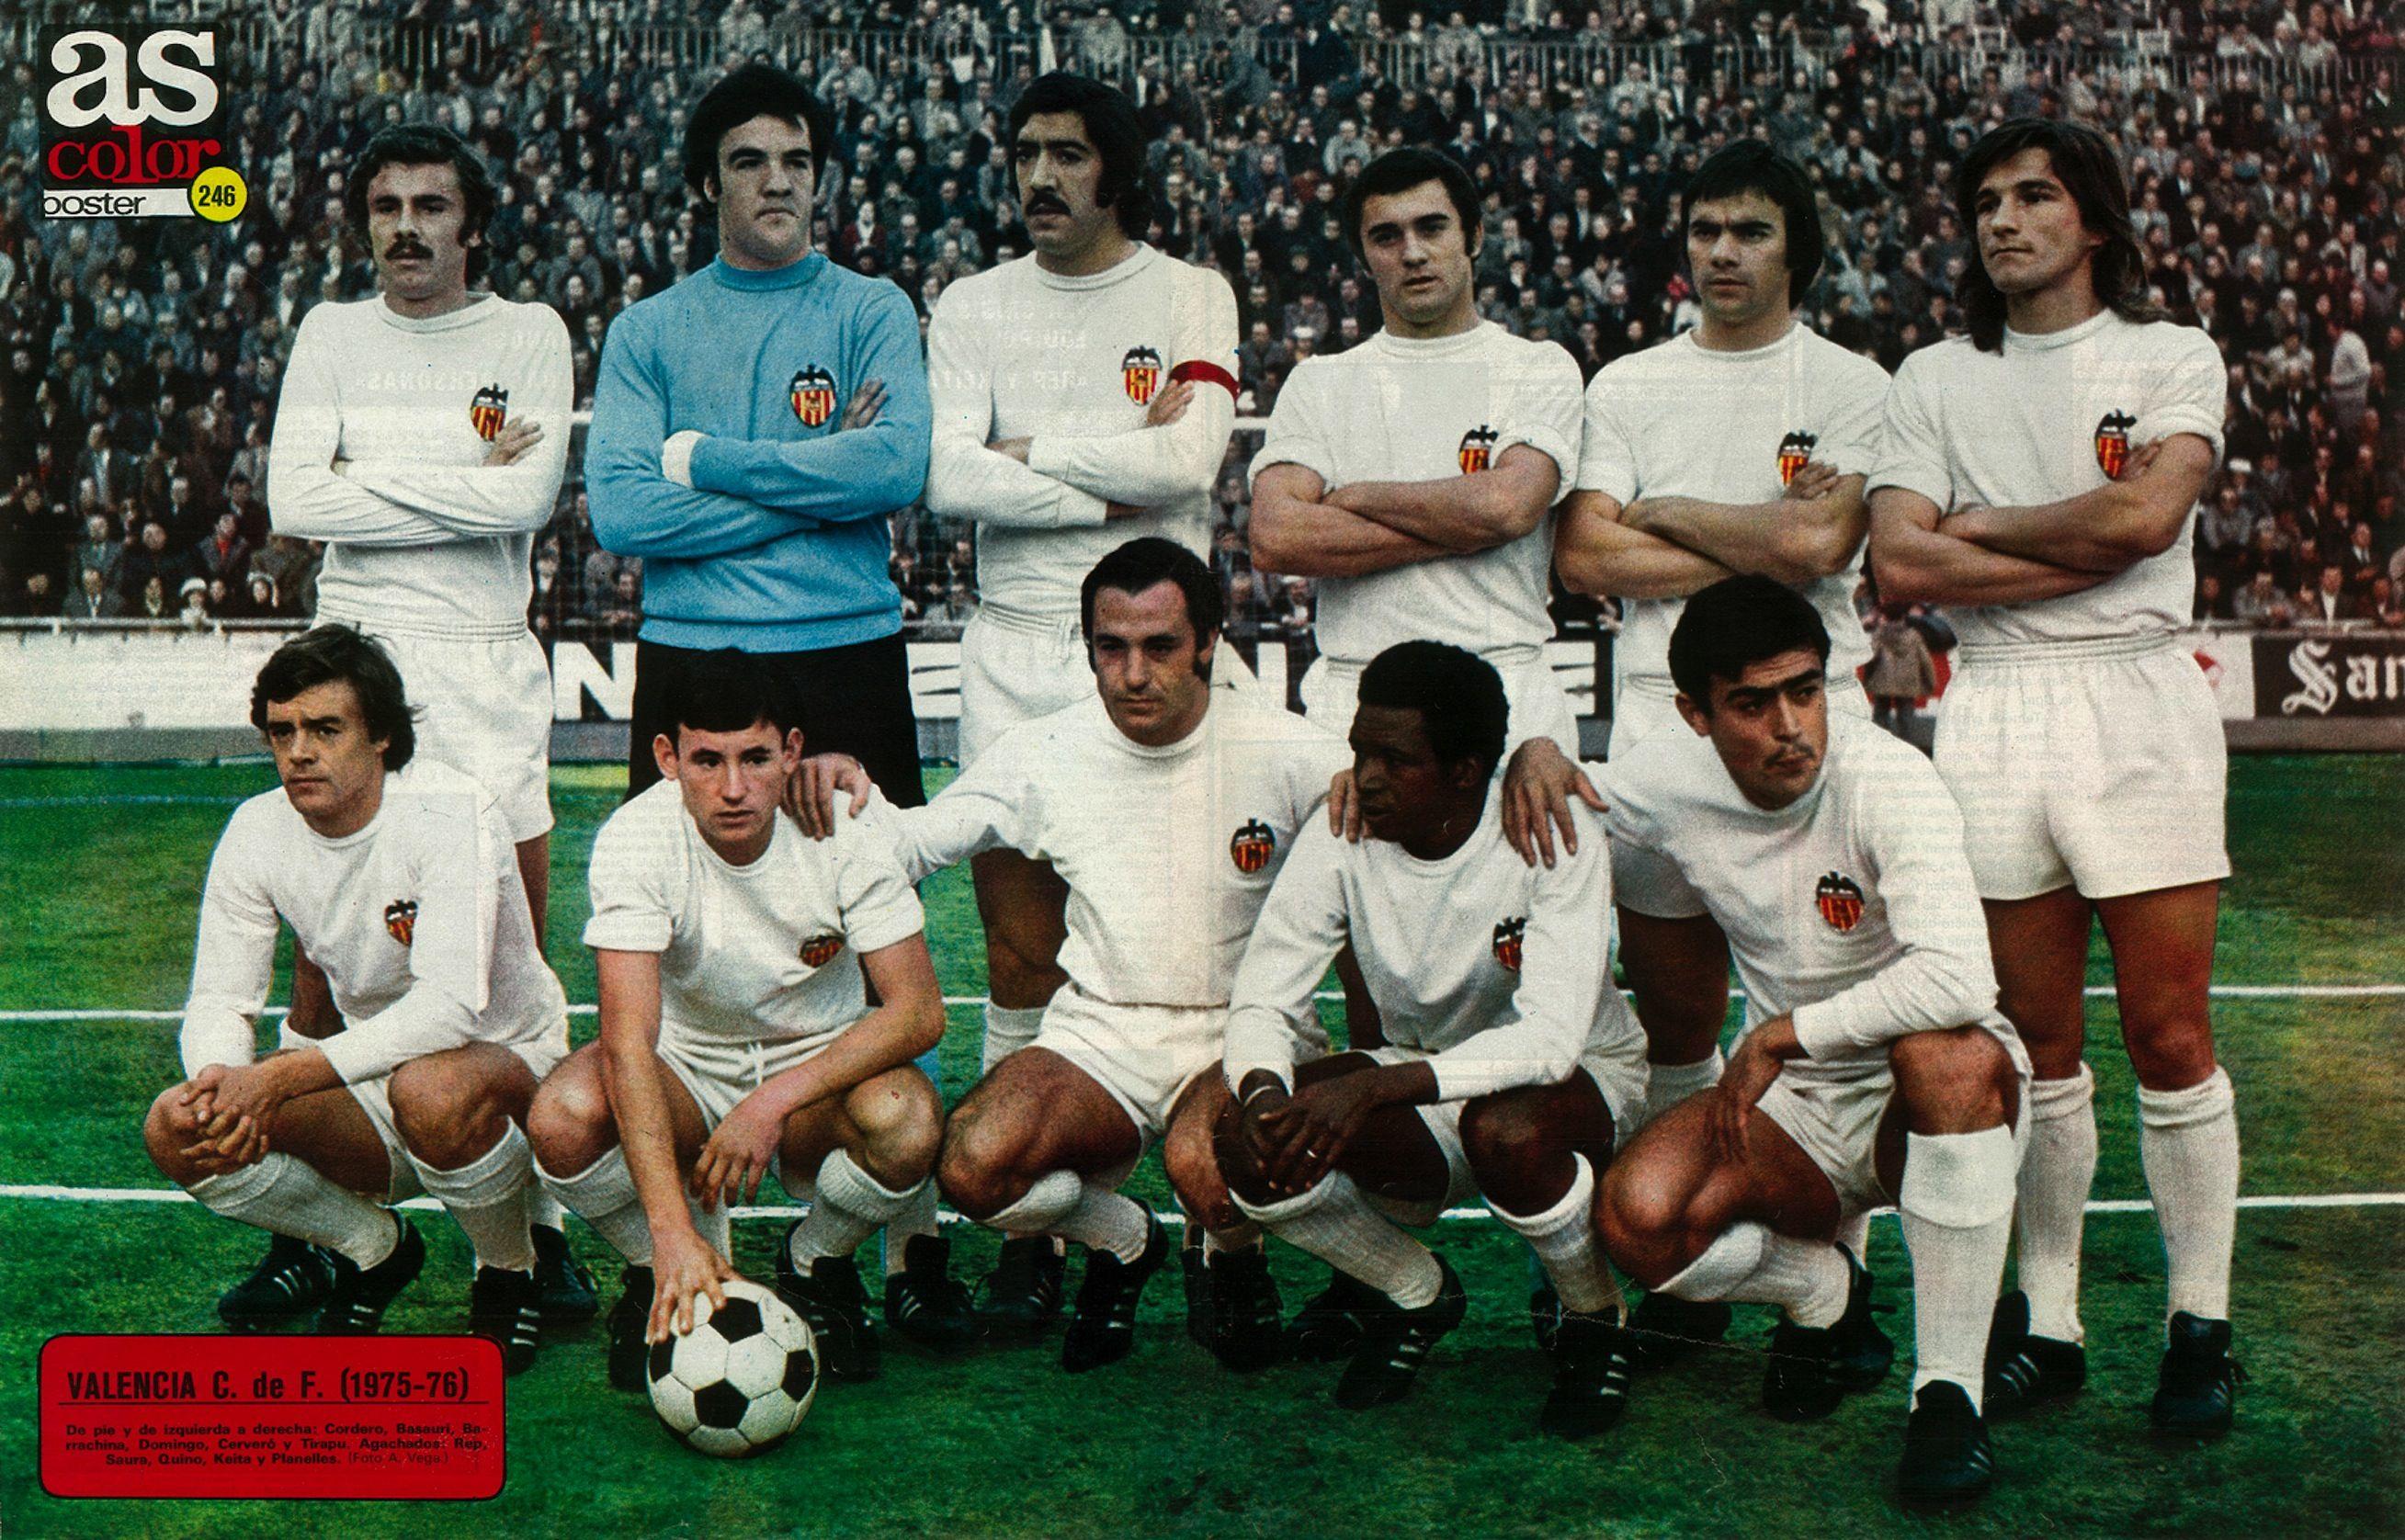 246 - Valencia Club de Fútbol 75-76.  ea38f545782cd